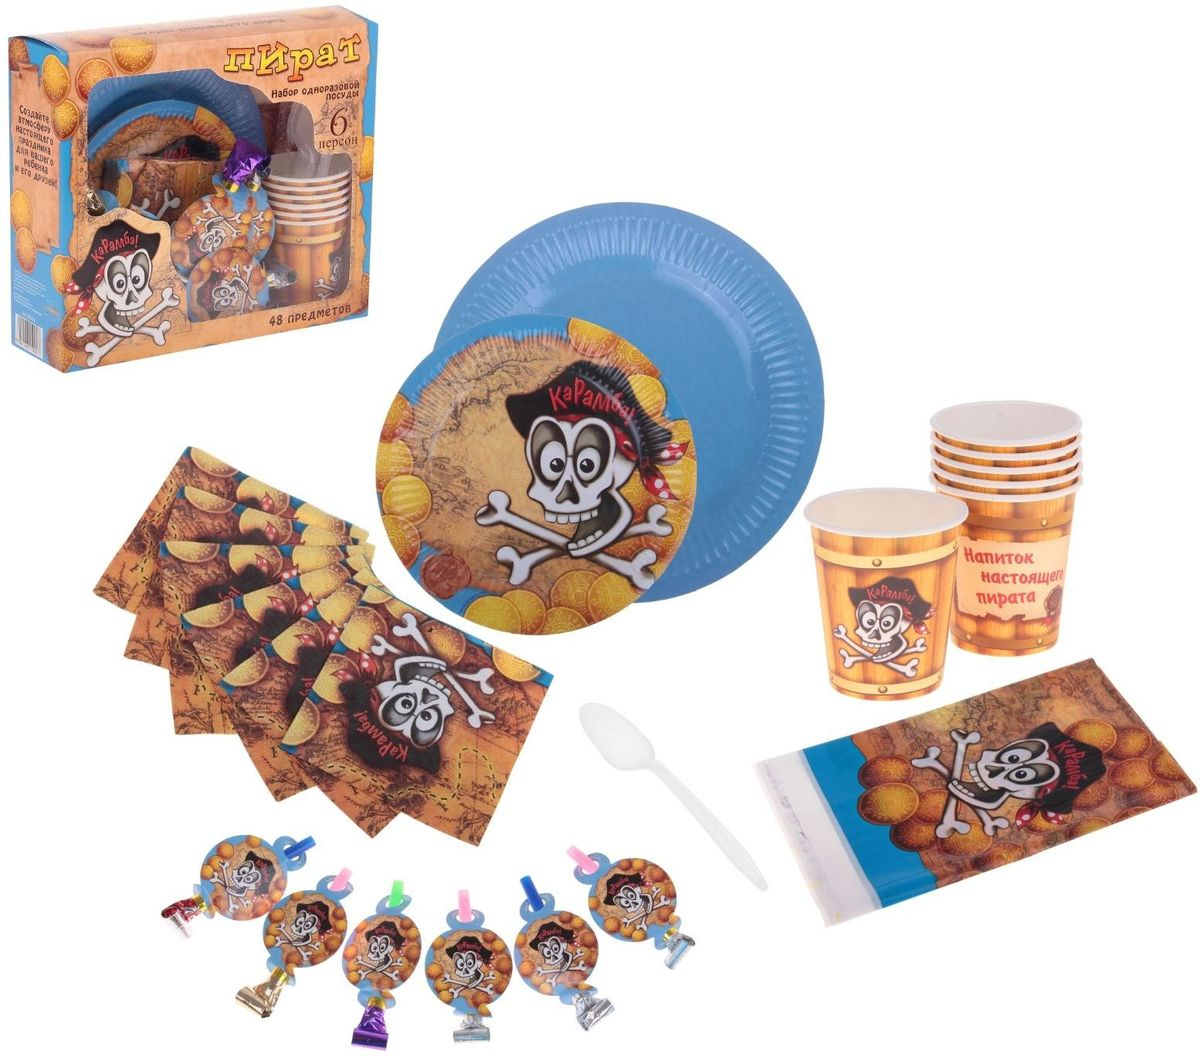 Купить Страна Карнавалия Набор бумажной посуды Пират на 6 персон, Сервировка праздничного стола